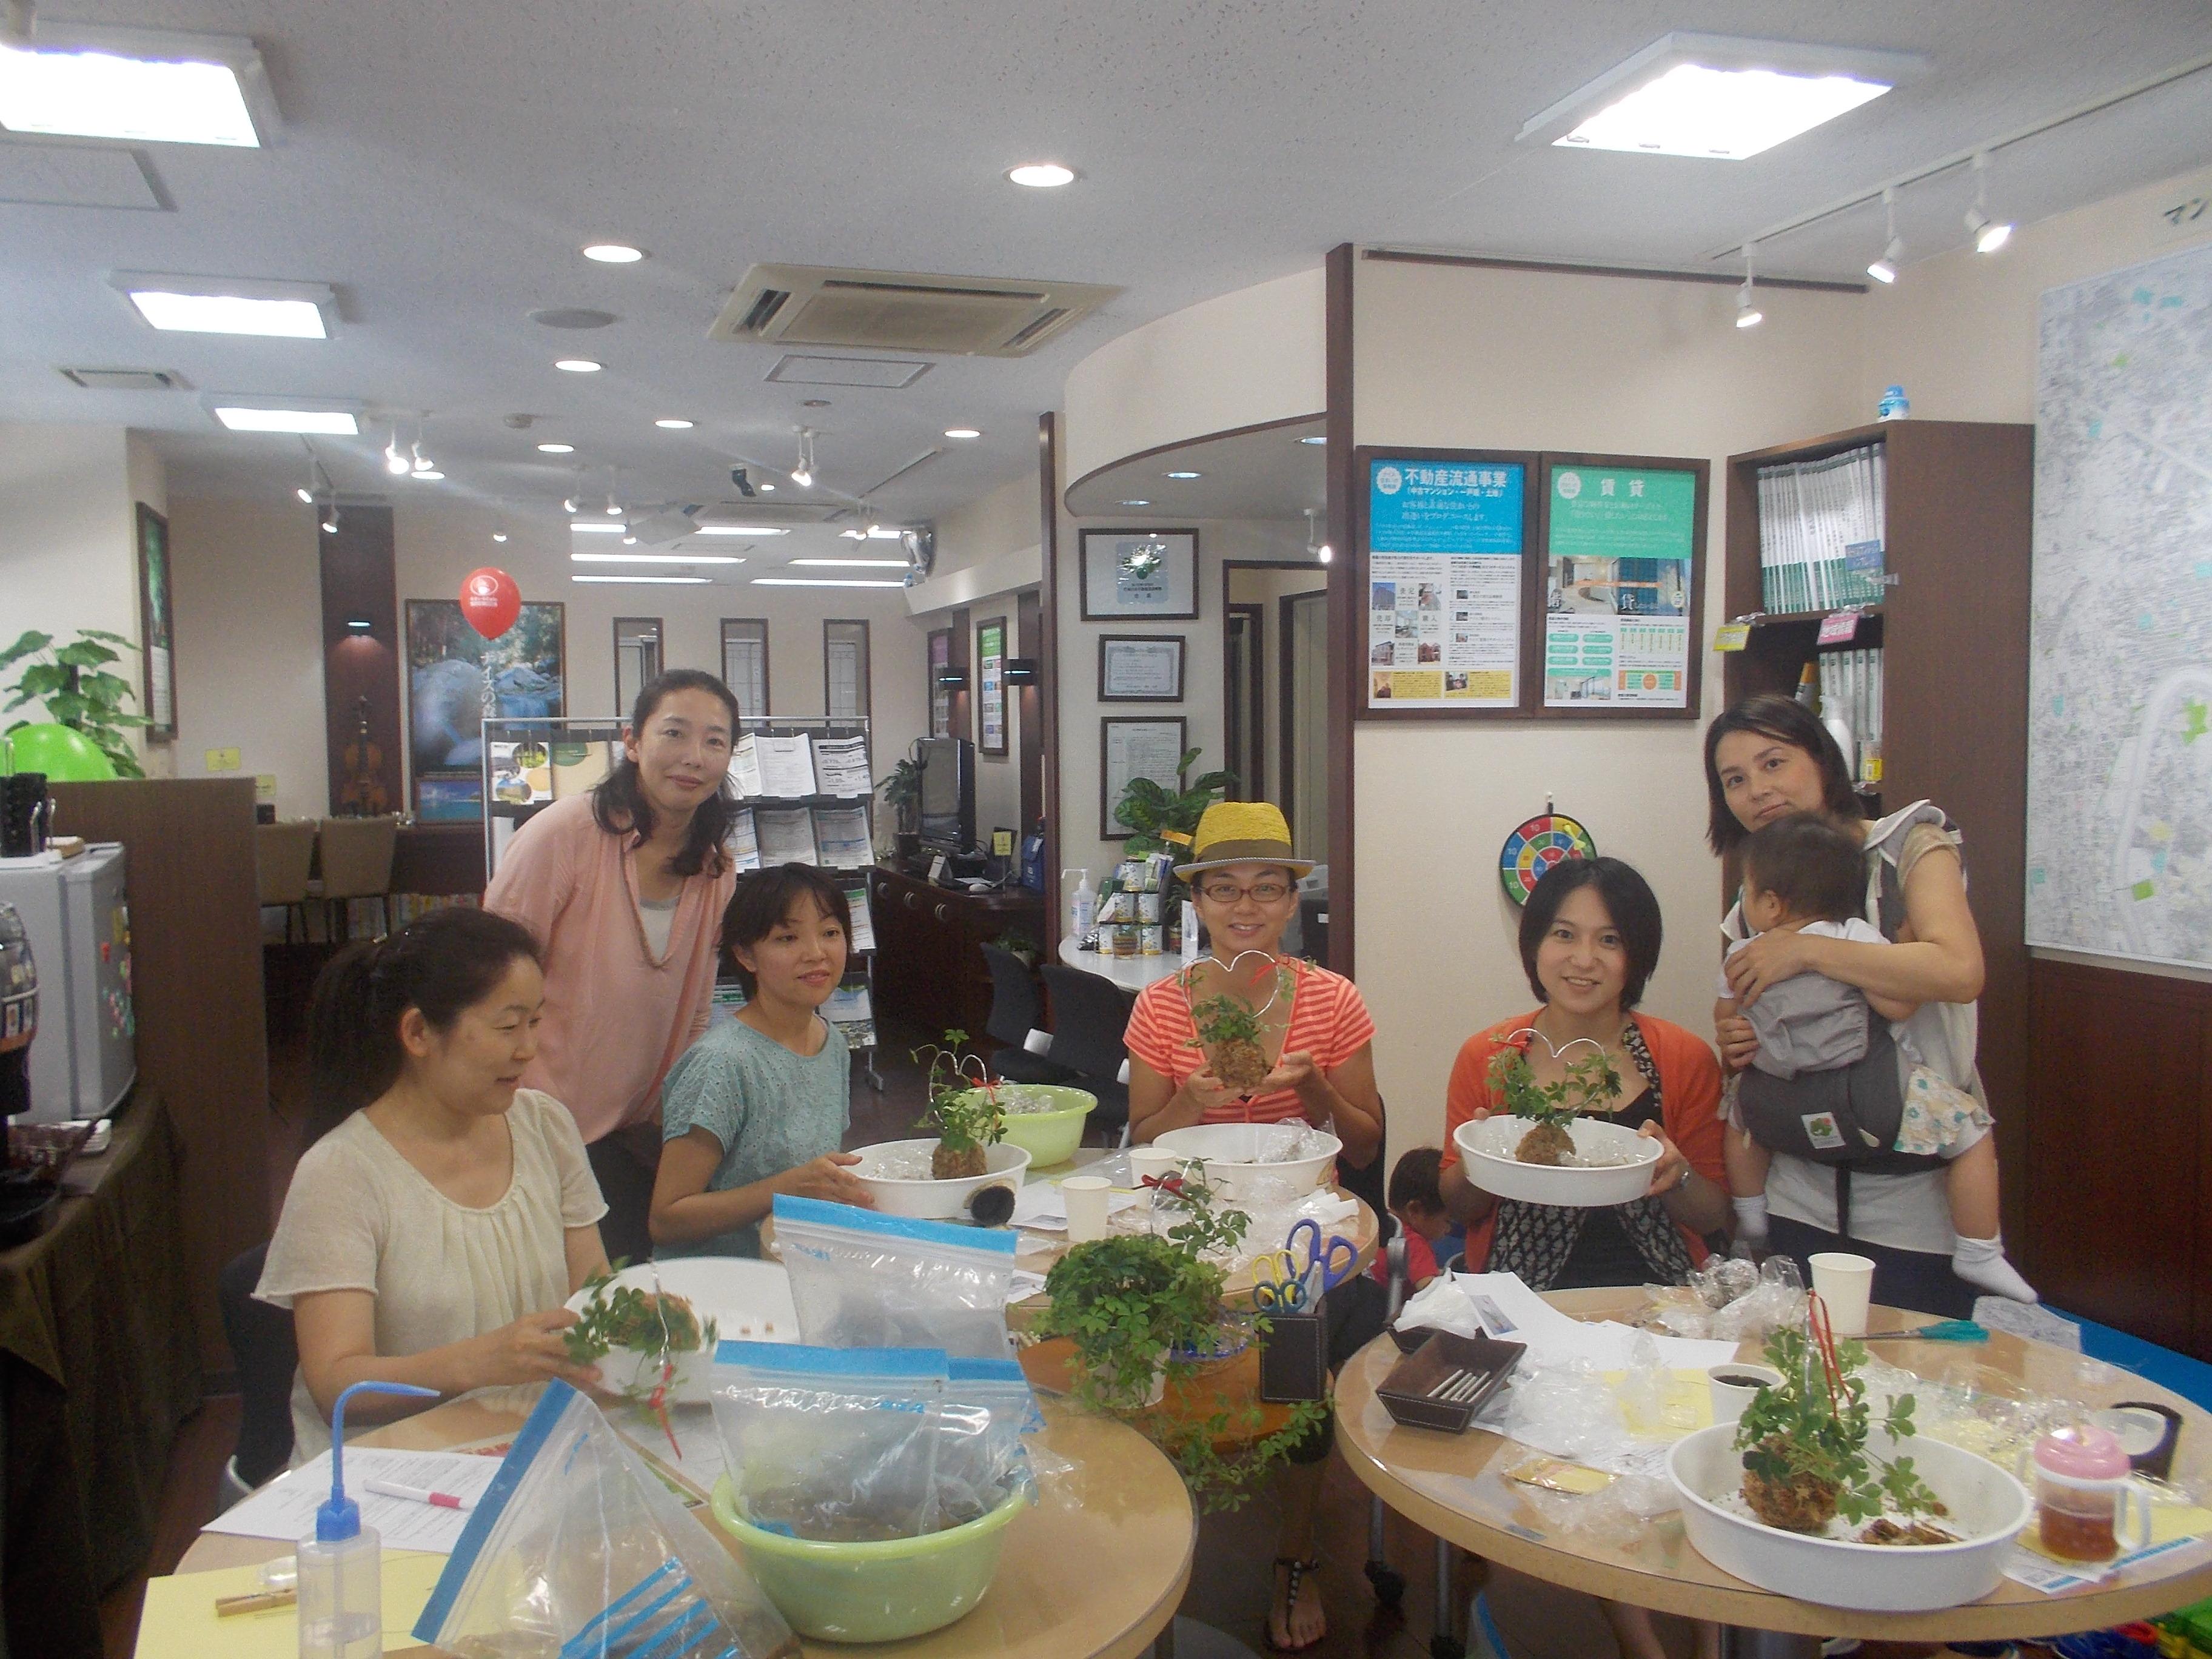 すまいるCAfeは地域の方々が気軽に立ち寄れるスペースを提供してくれています。 みんないい笑顔!